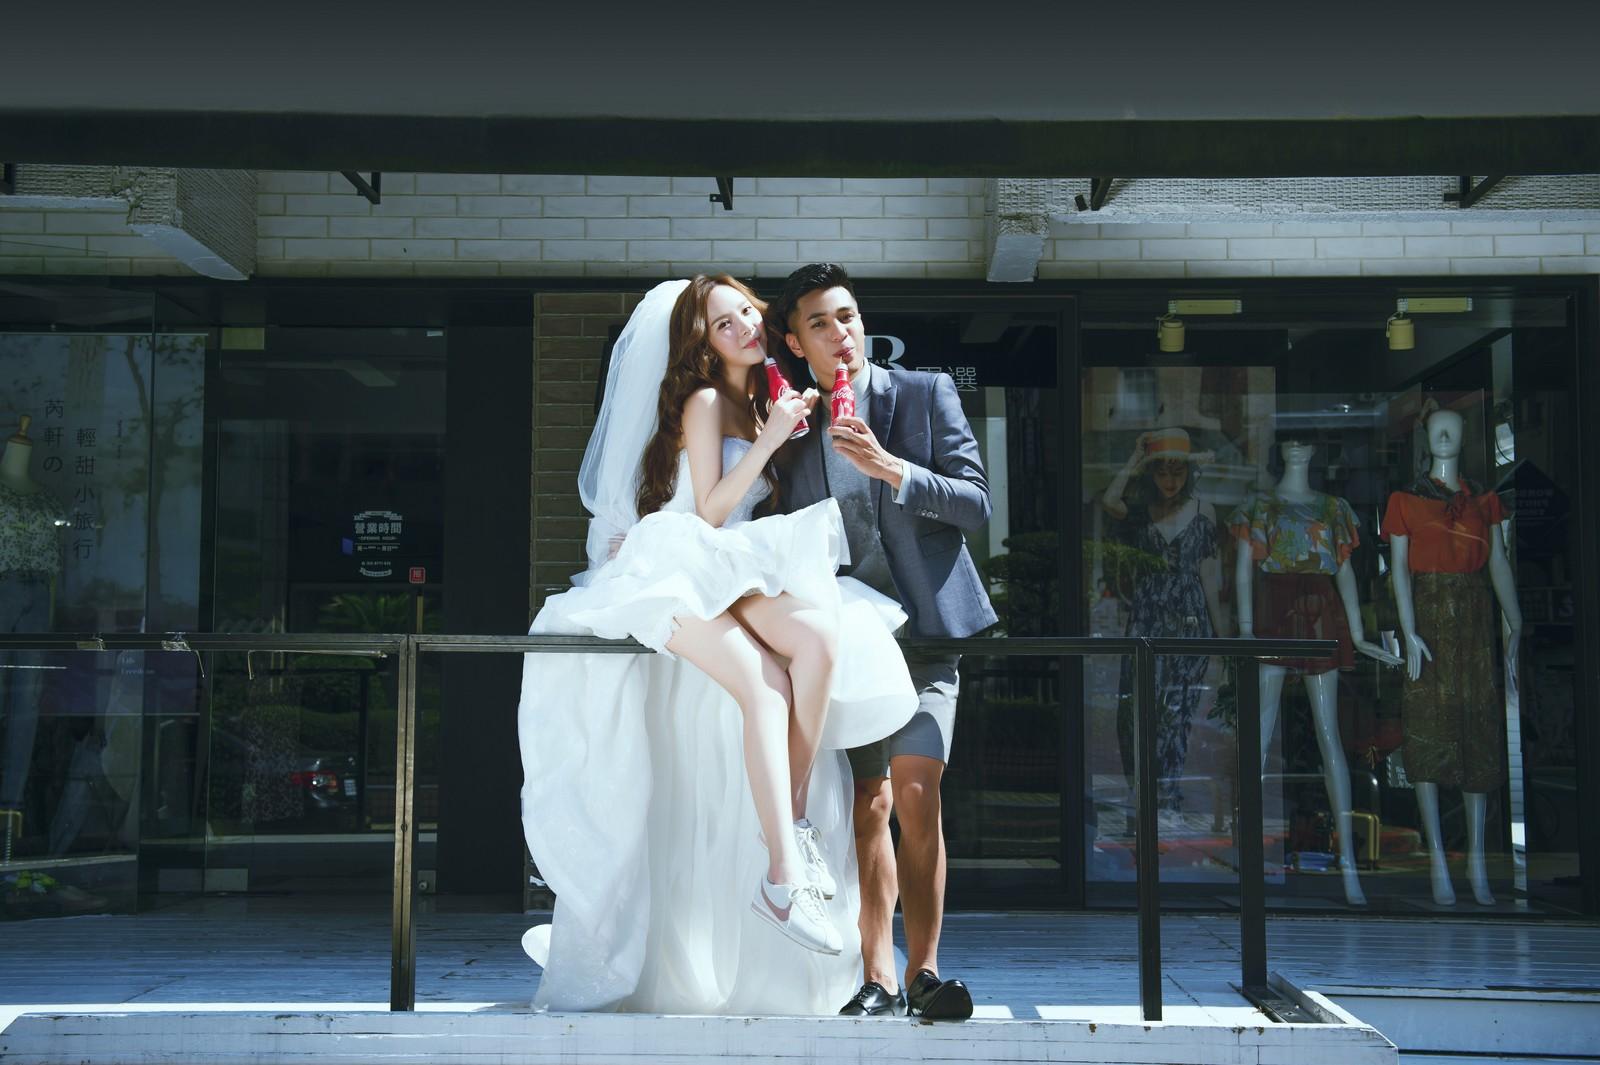 自助婚紗,海外自助婚紗,自助婚紗推薦,自助婚紗價格